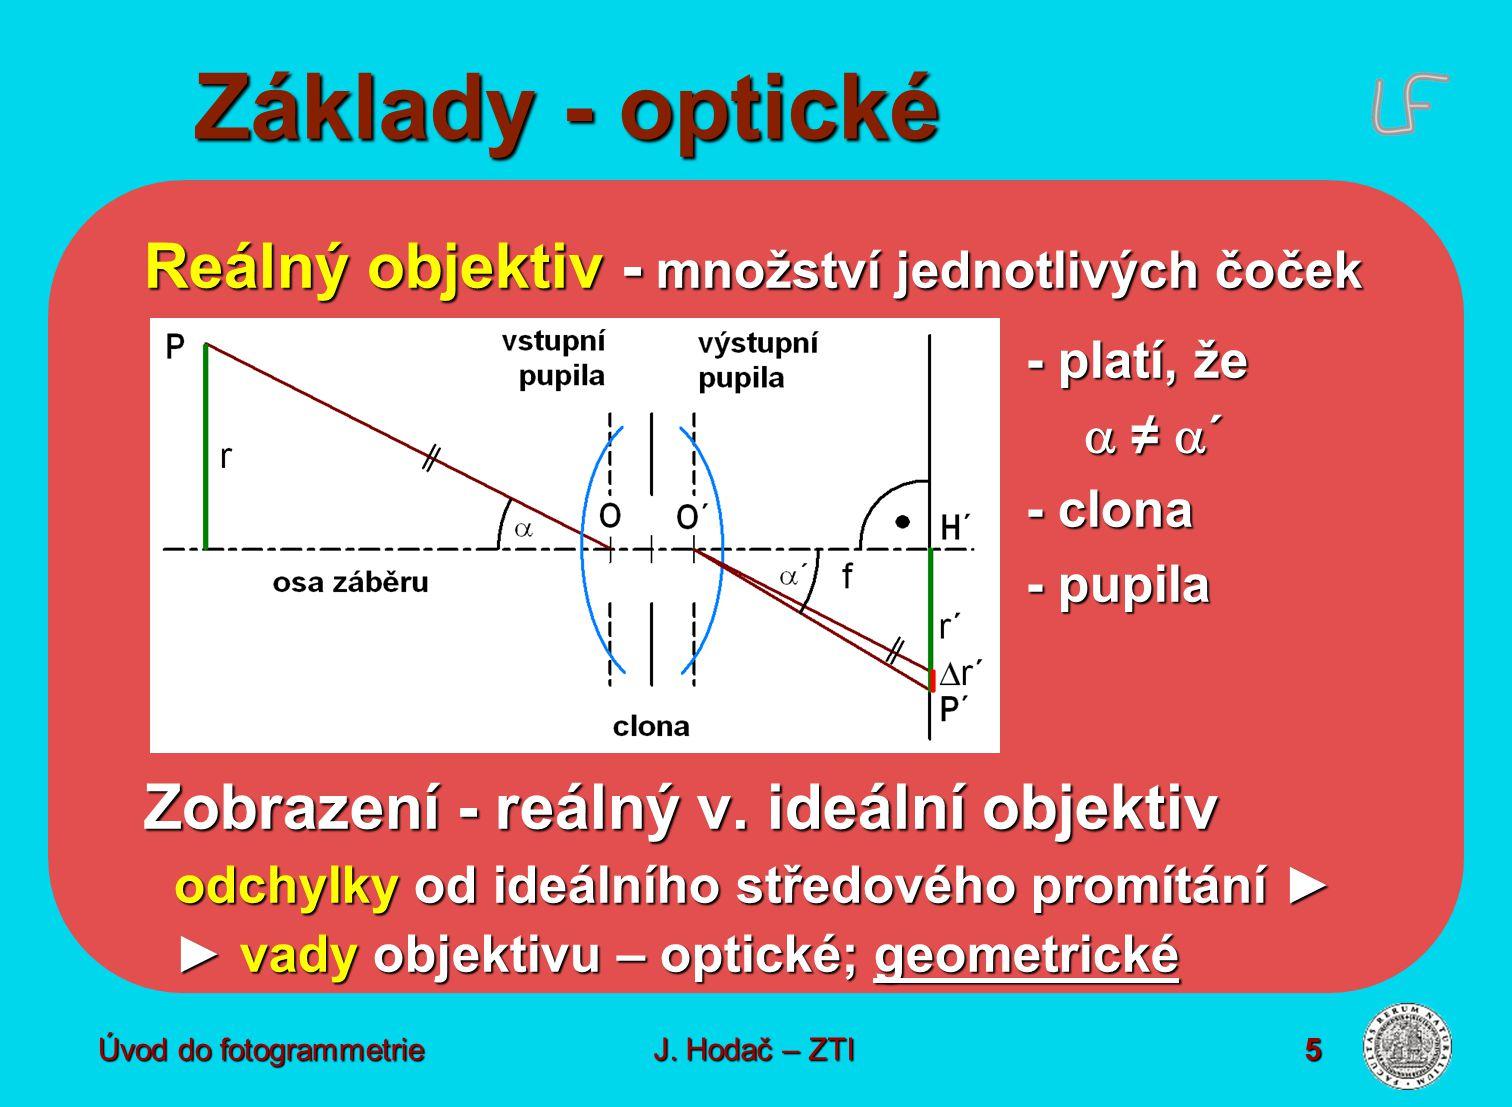 Úvod do fotogrammetrie5 Základy - optické Reálný objektiv - množství jednotlivých čoček - platí, že  ≠  ´ - clona - pupila Zobrazení - reálný v. ide